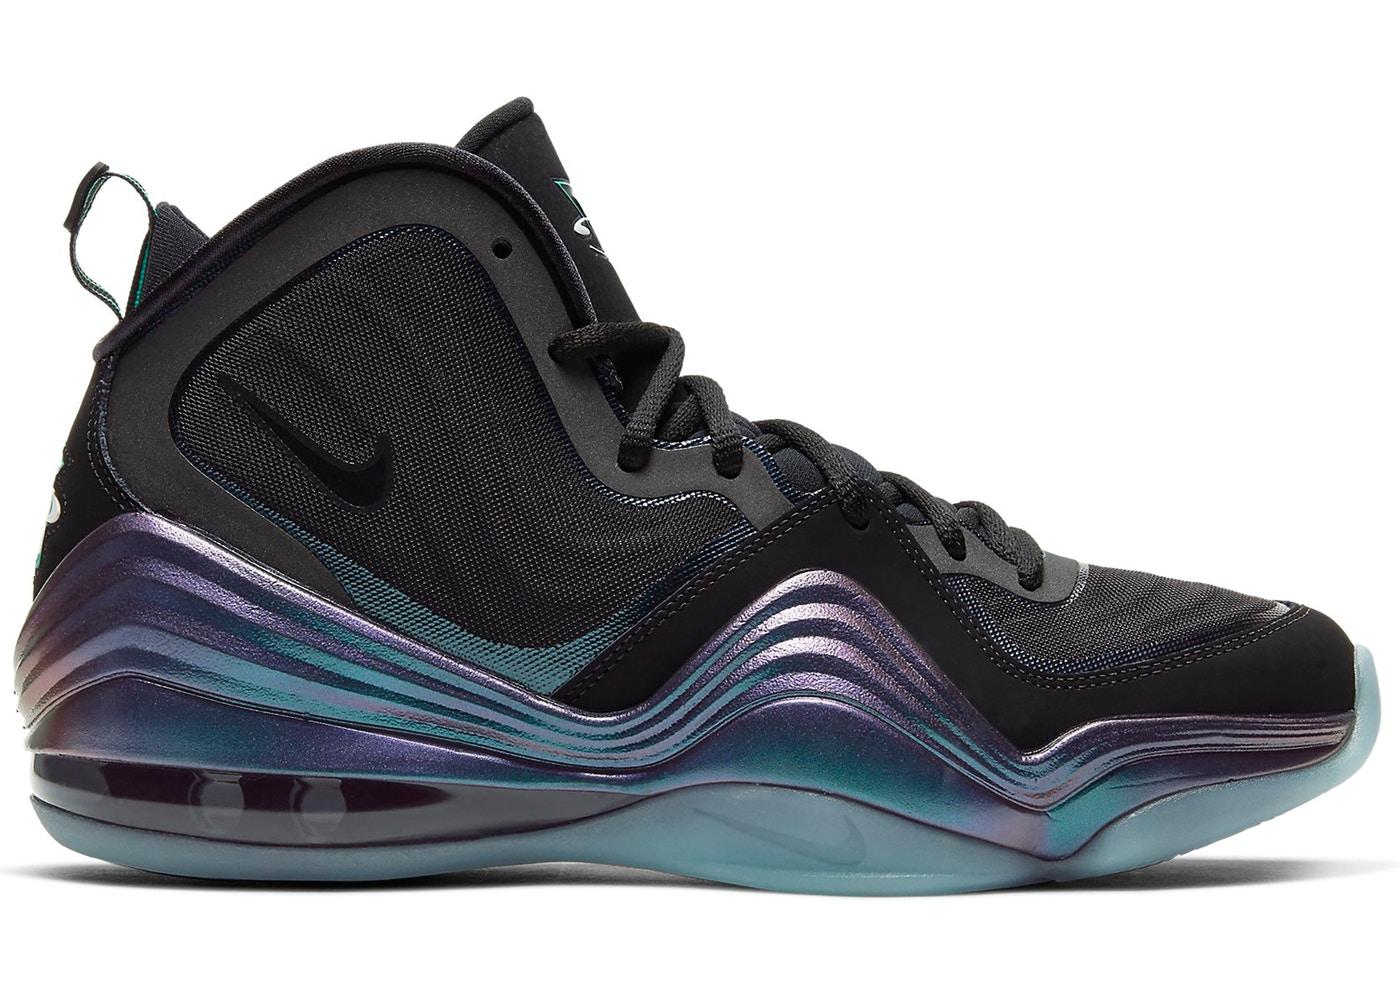 ナイキ メンズ エア ぺニー5 Nike Air Penny 5 スニーカー Black/Atomic Teal/Purple/Teal